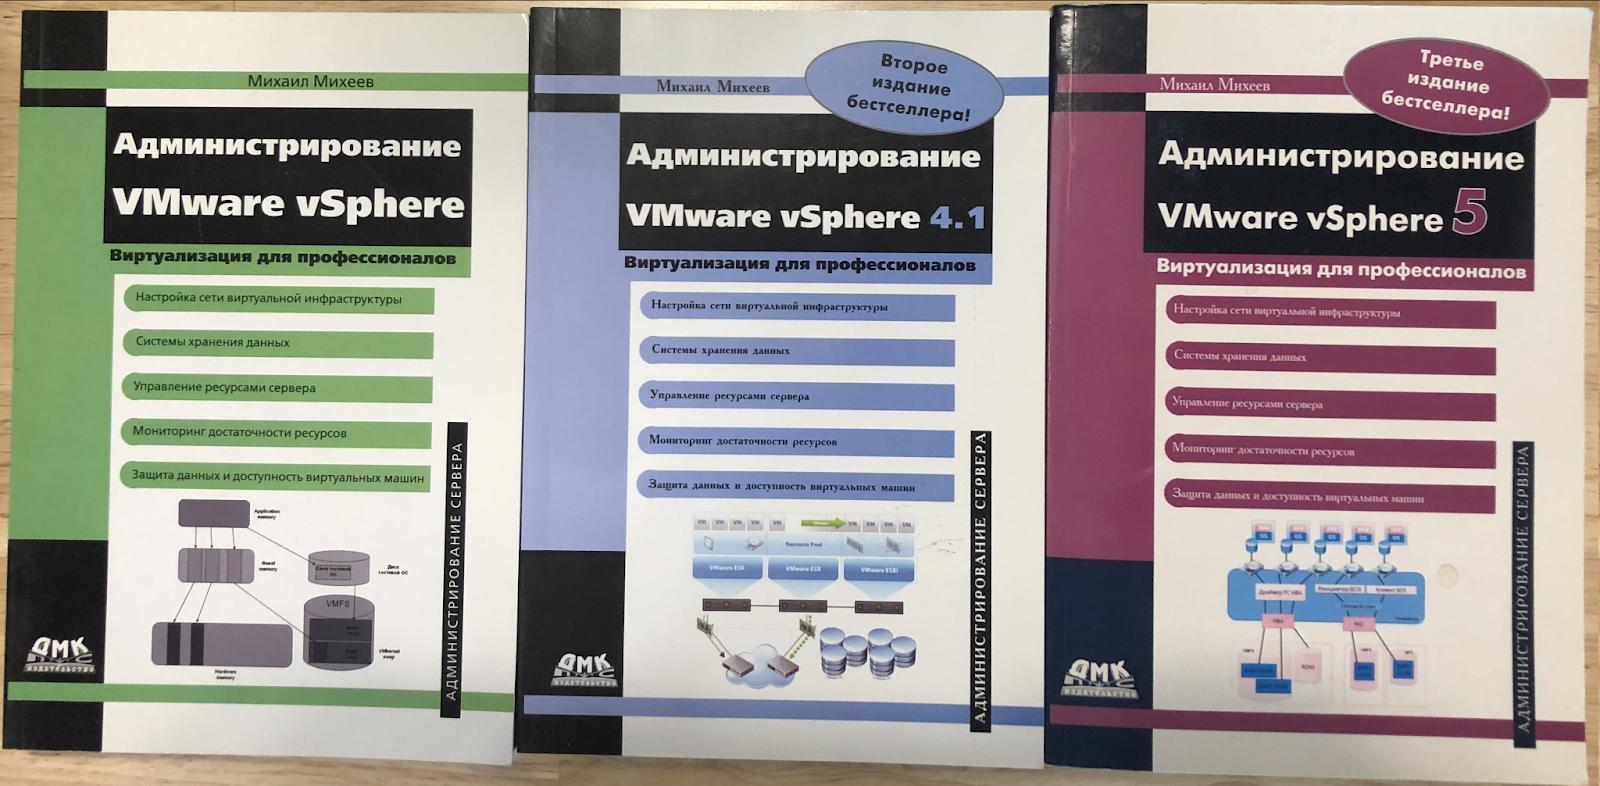 Интервью с Михаилом Михеевым, автором первой книги на русском по vSphere